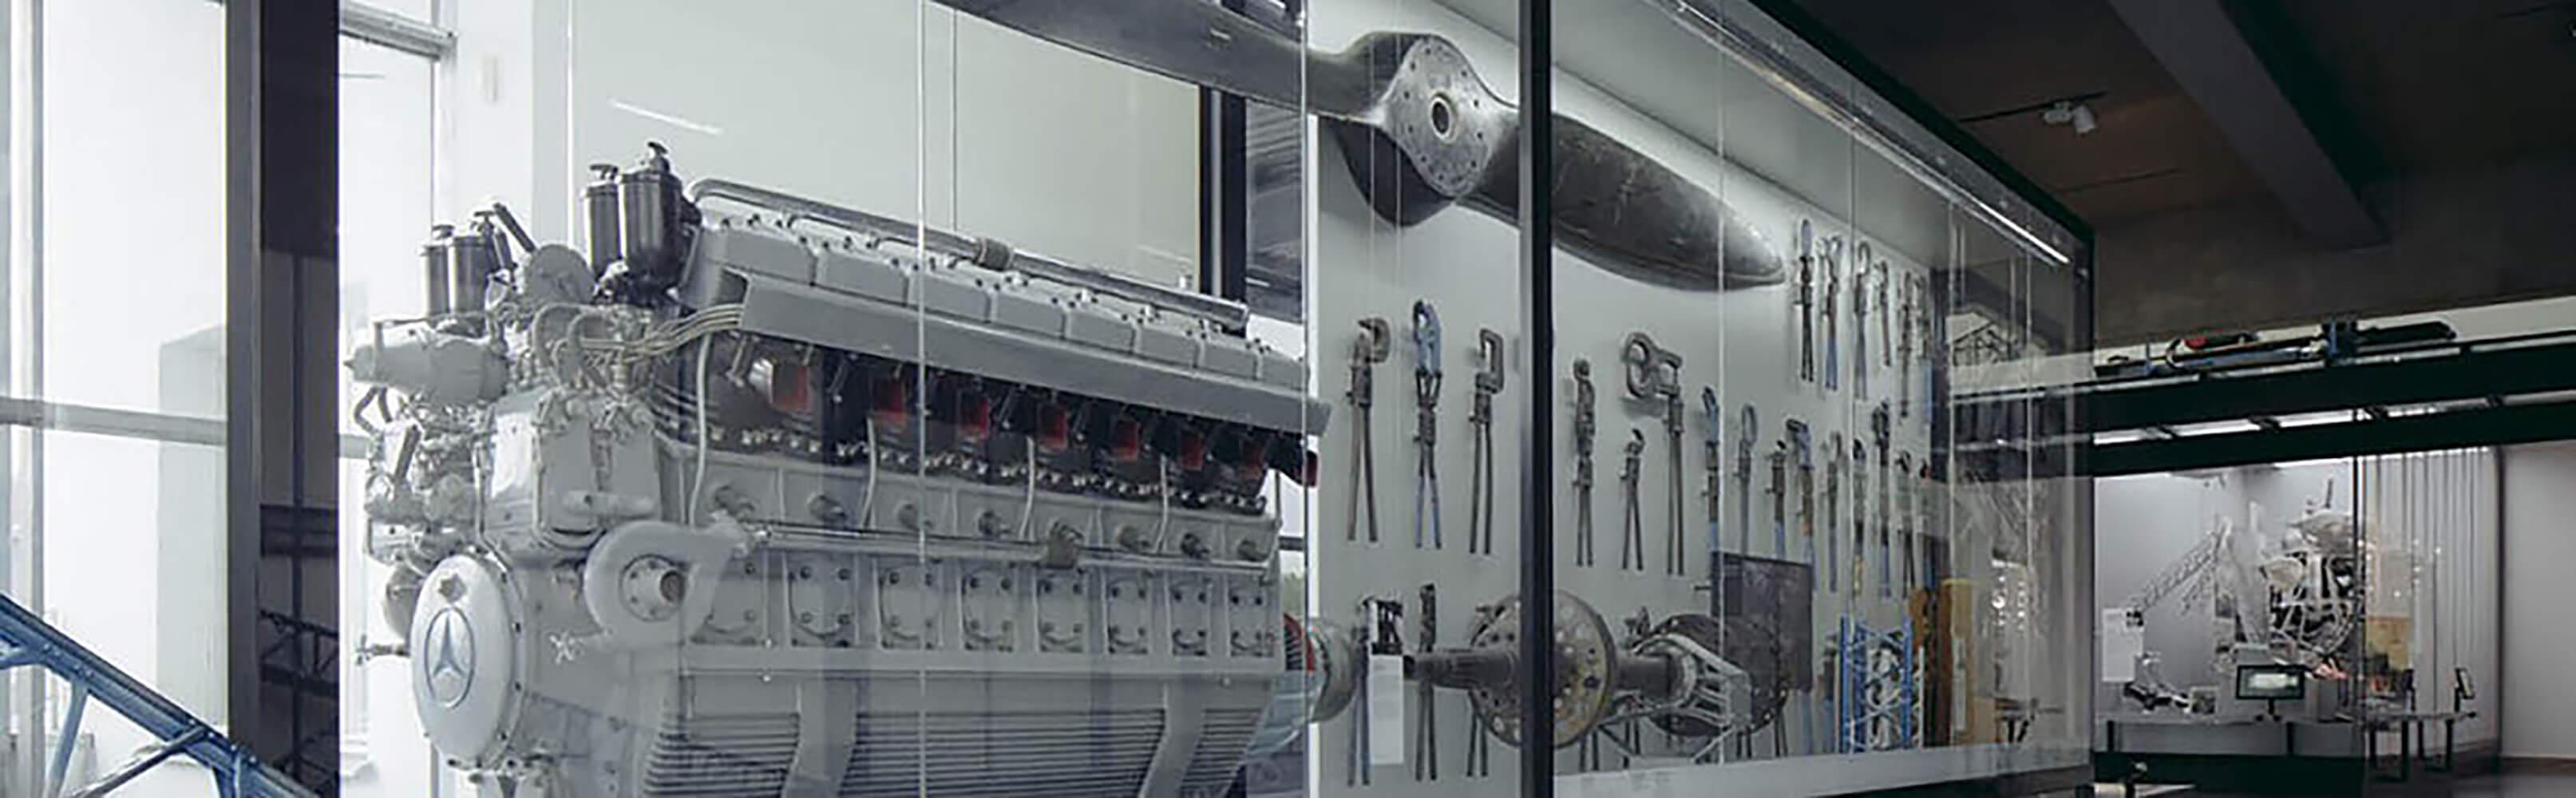 Zeppelin Museum - Technik und Kunst 1